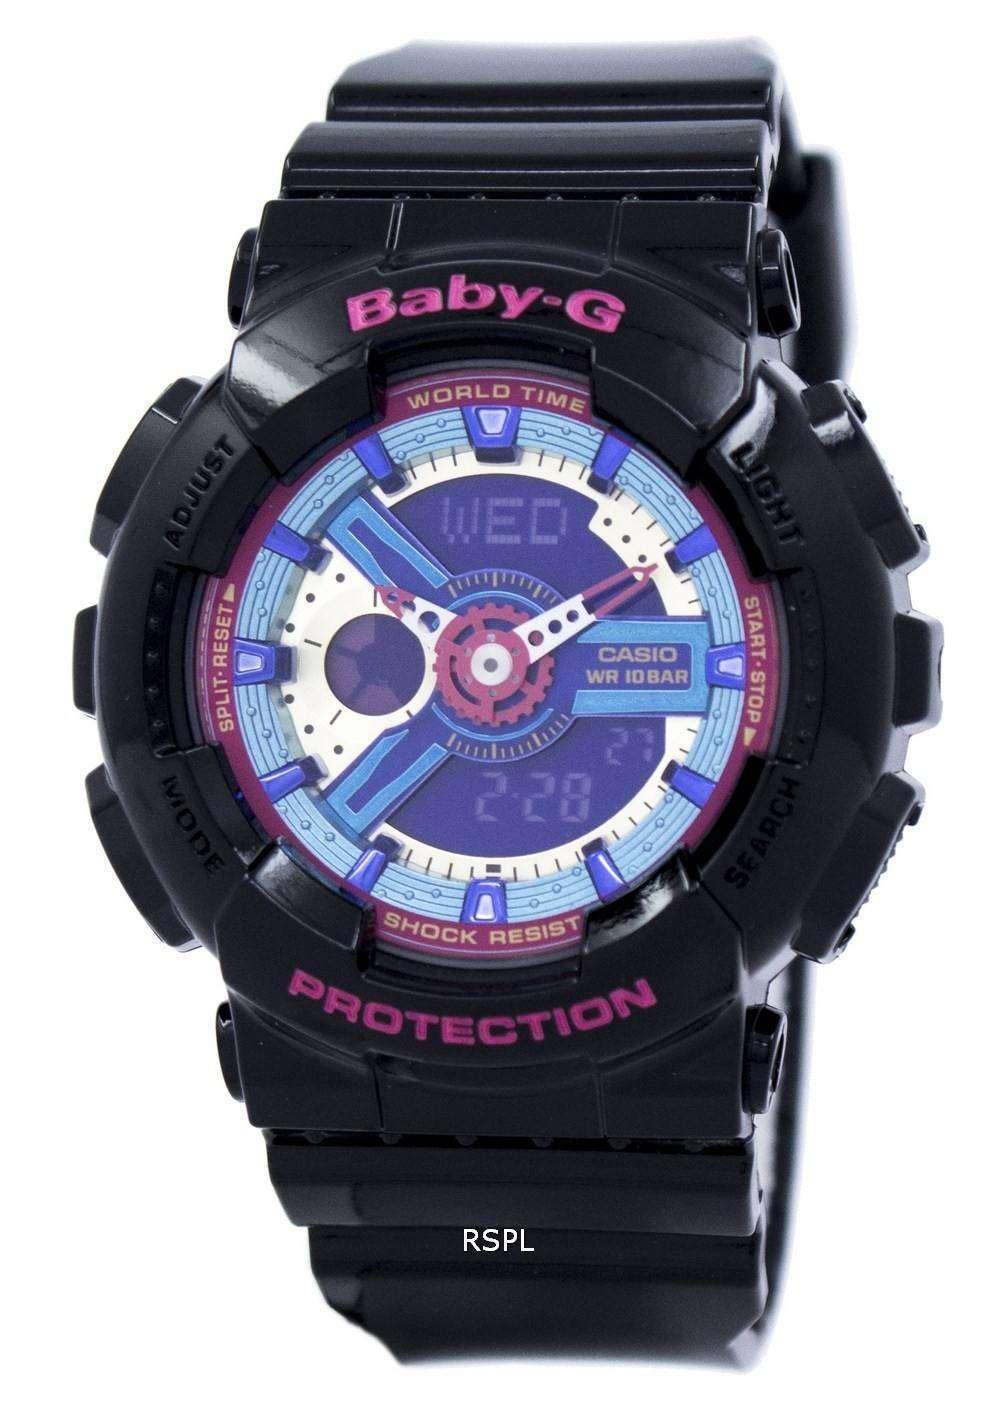 カシオベビー-G 世界時間アナログ デジタル多色ダイヤル BA-112-1 a レディース腕時計